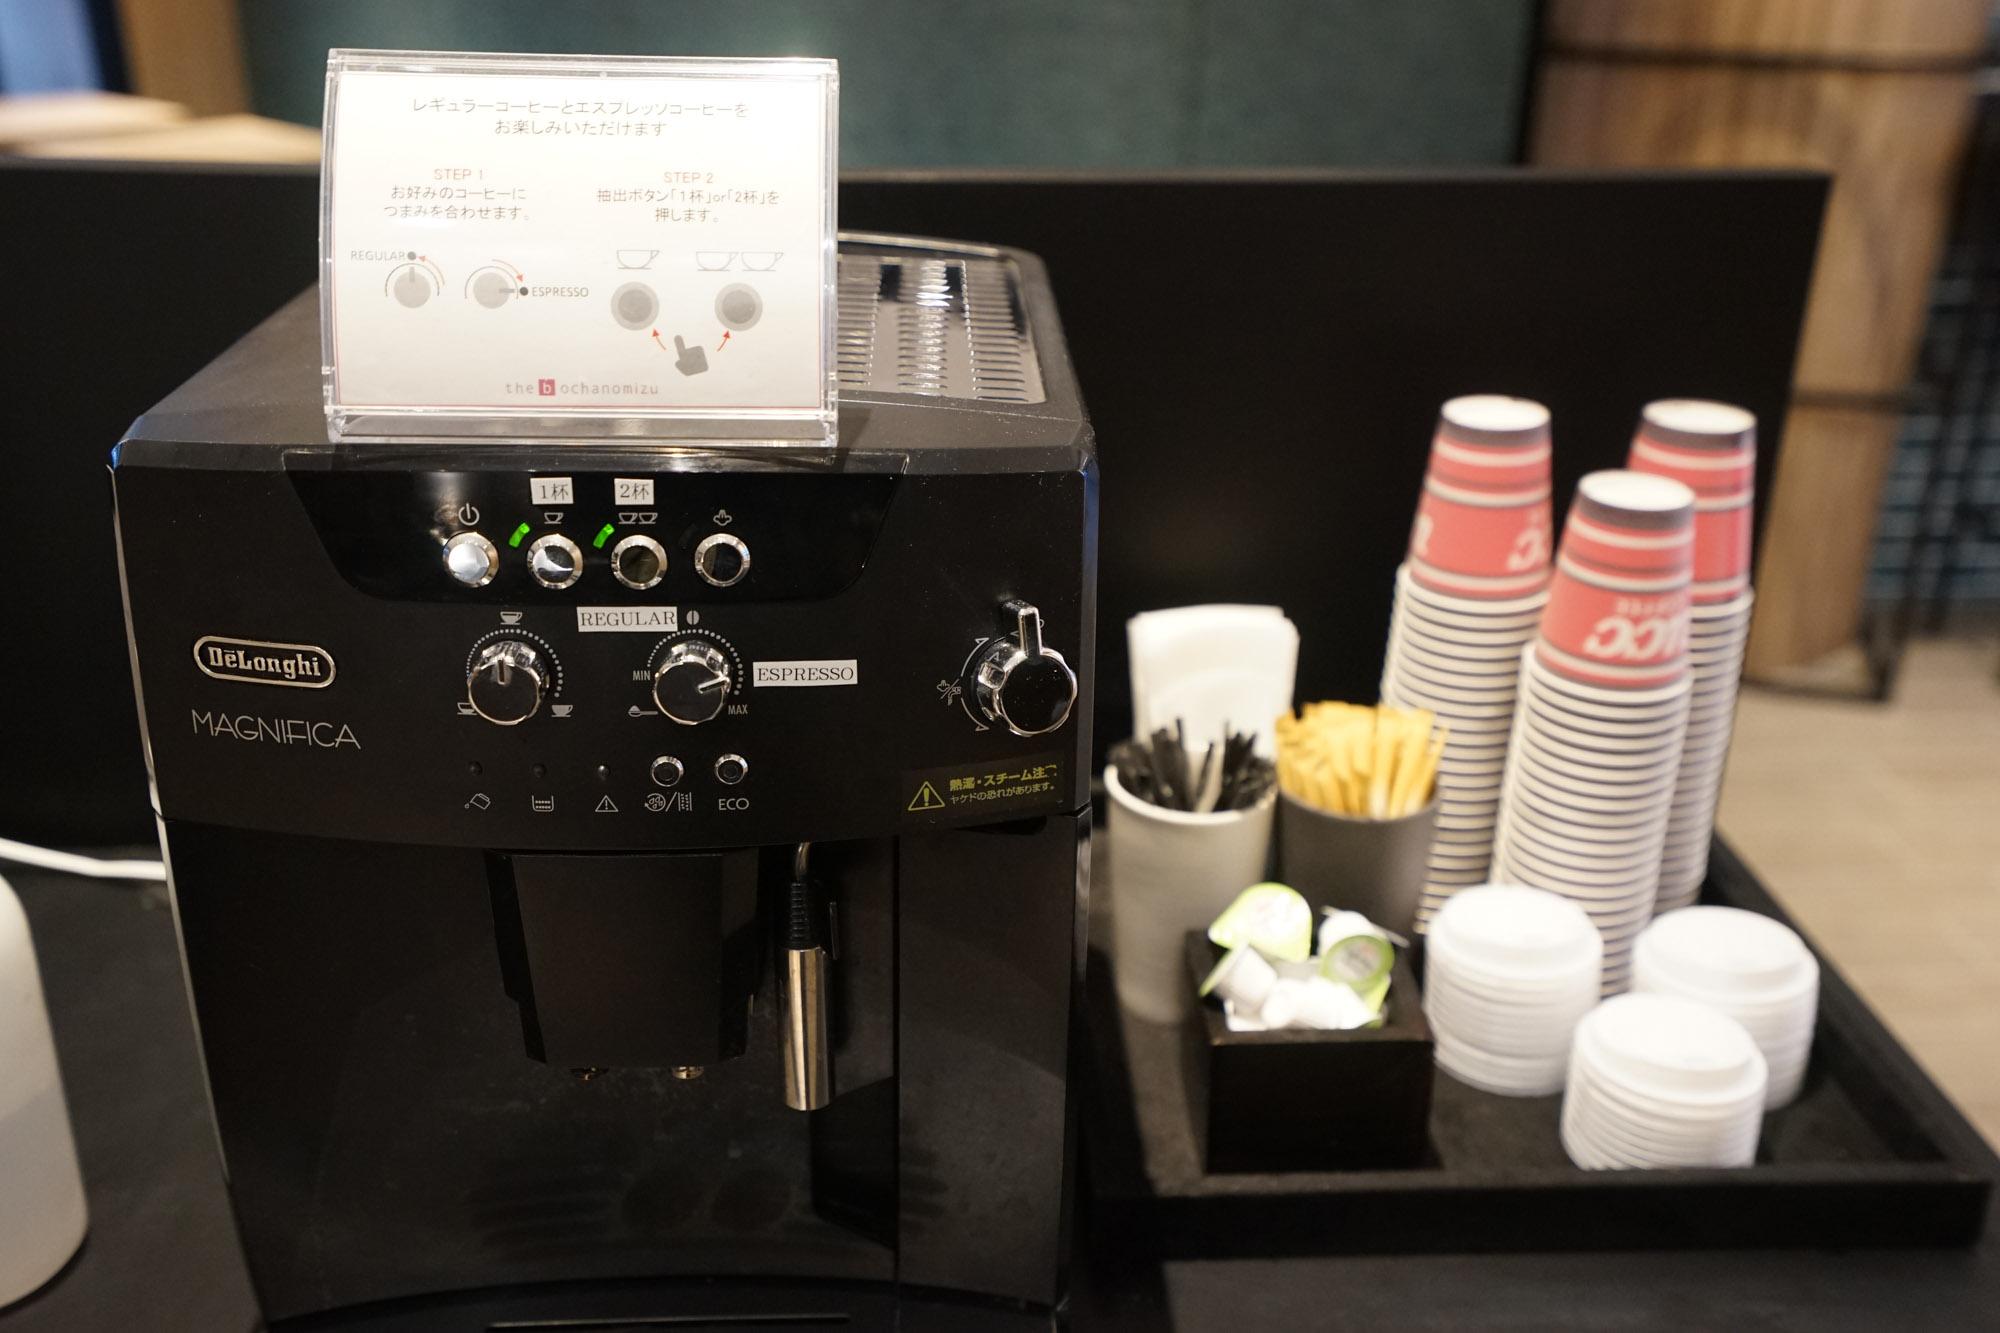 このコワーキングスペース、嬉しいのがデロンギのコーヒーメーカーで淹れるセルフコーヒーが無料ということ。カフェ代が浮くことを考えたらとてもお得ですね!